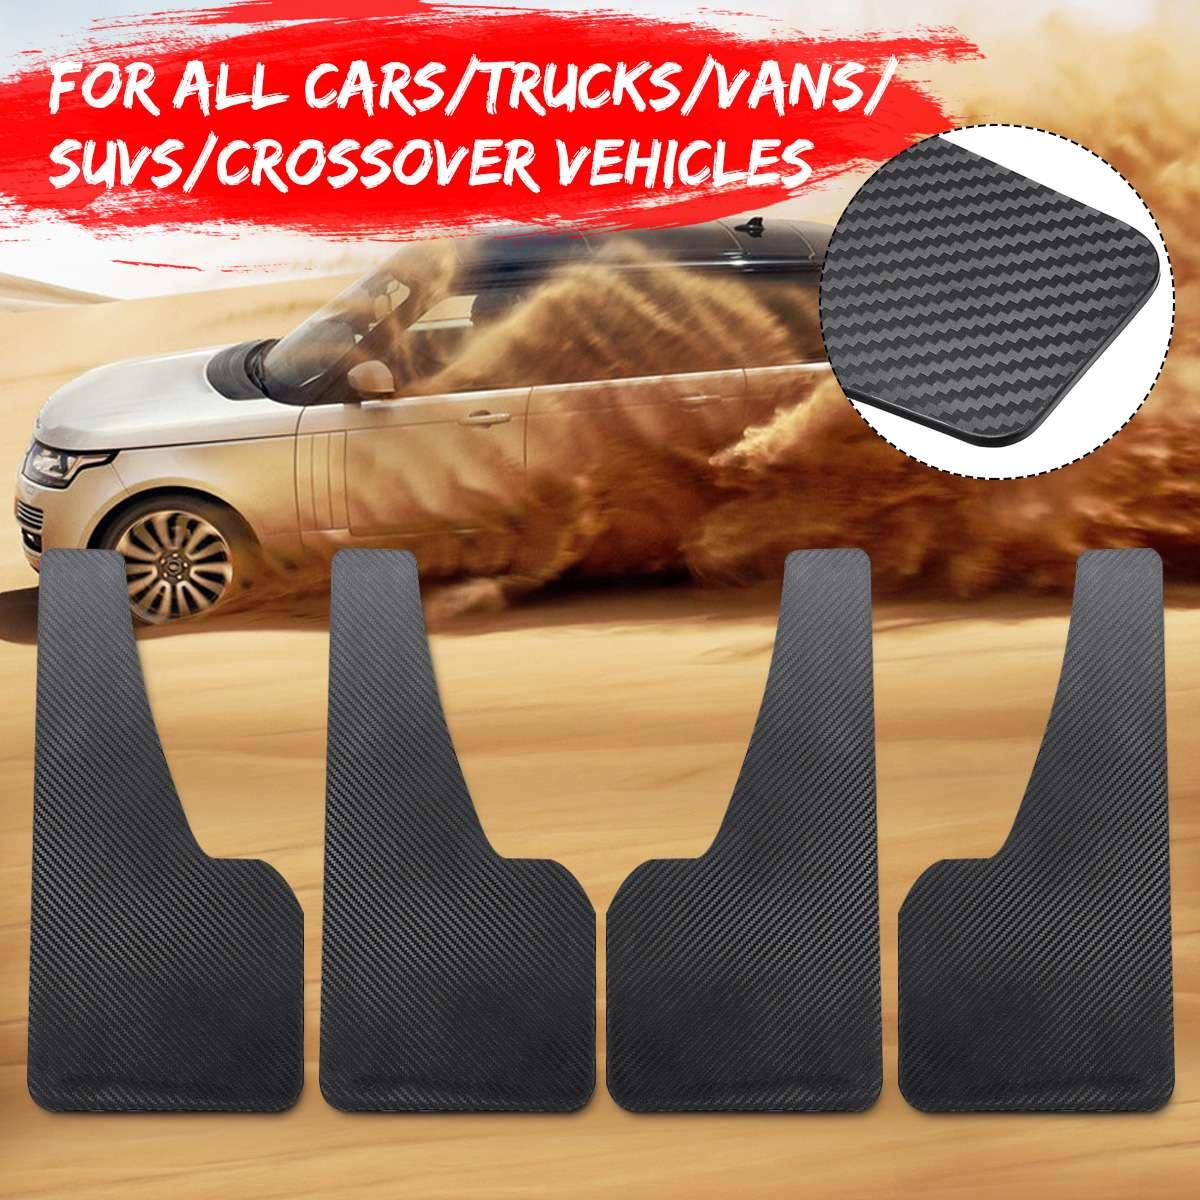 אוניברסלי 4pcs רכב מגיני בץ קדמי אחורי סיבי פחמן סטיילינג מגני בץ משמרות Splash פנדר אבזרים